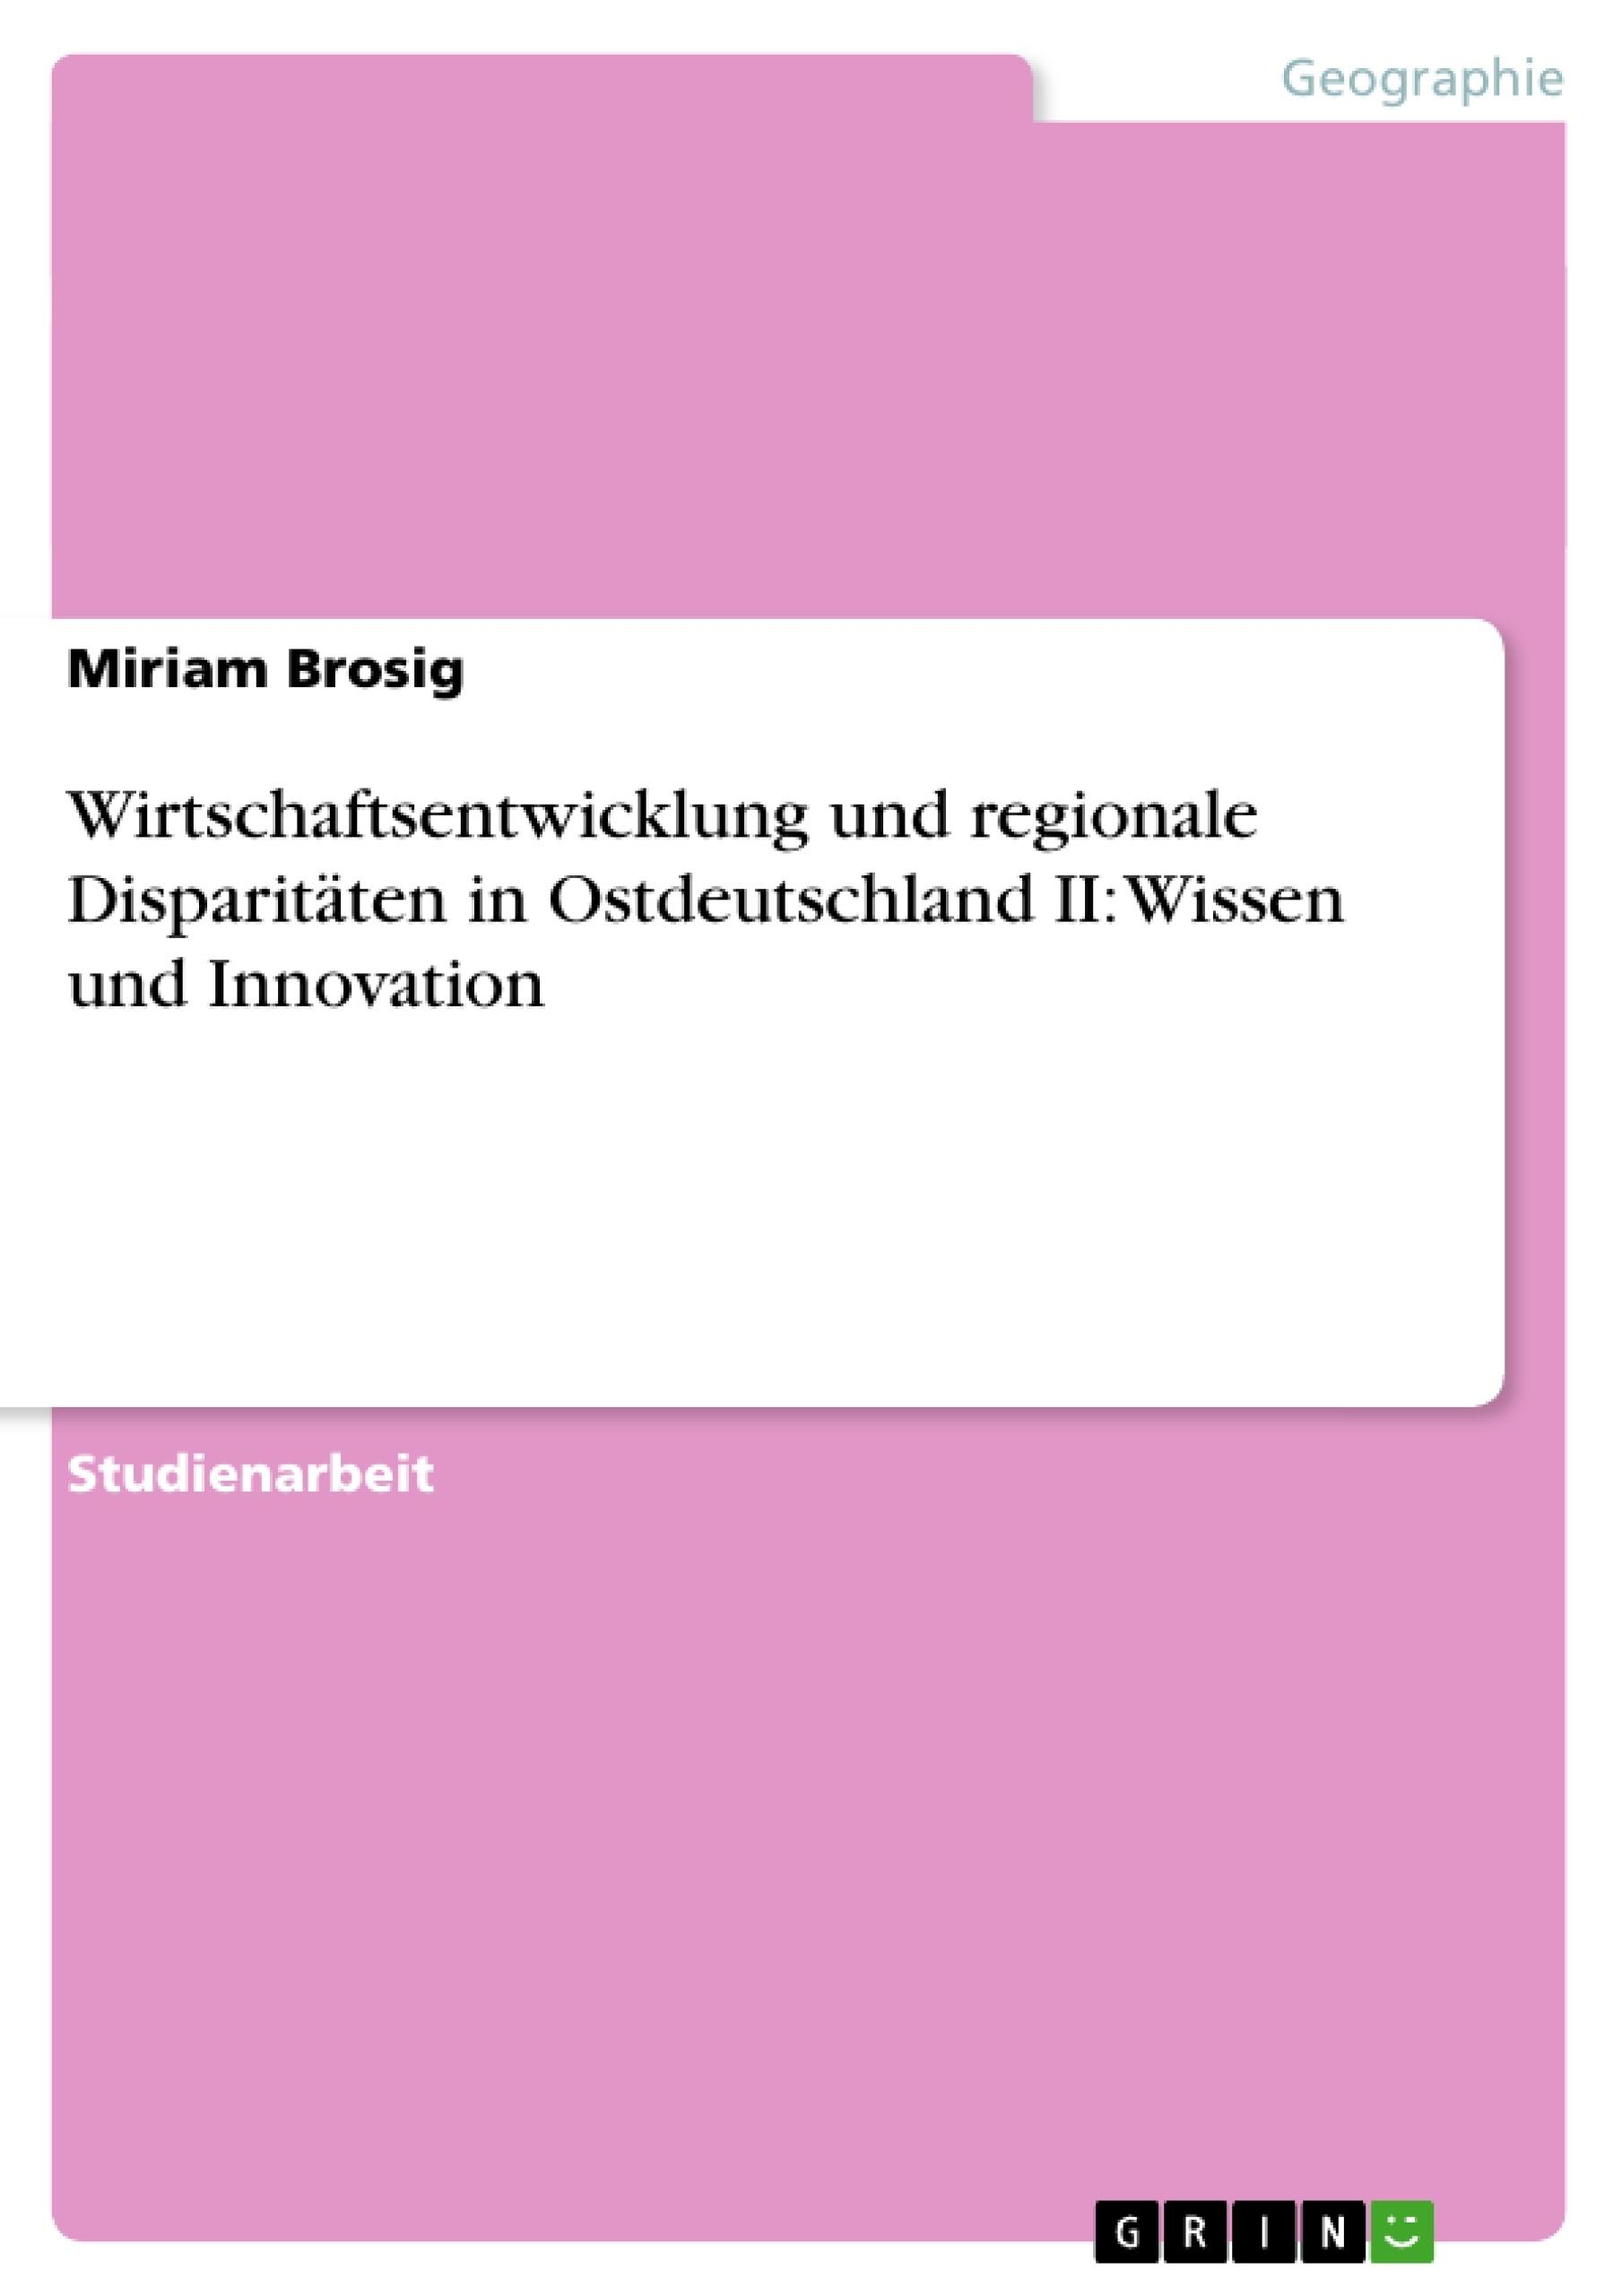 Titel: Wirtschaftsentwicklung und regionale Disparitäten in Ostdeutschland II: Wissen und Innovation